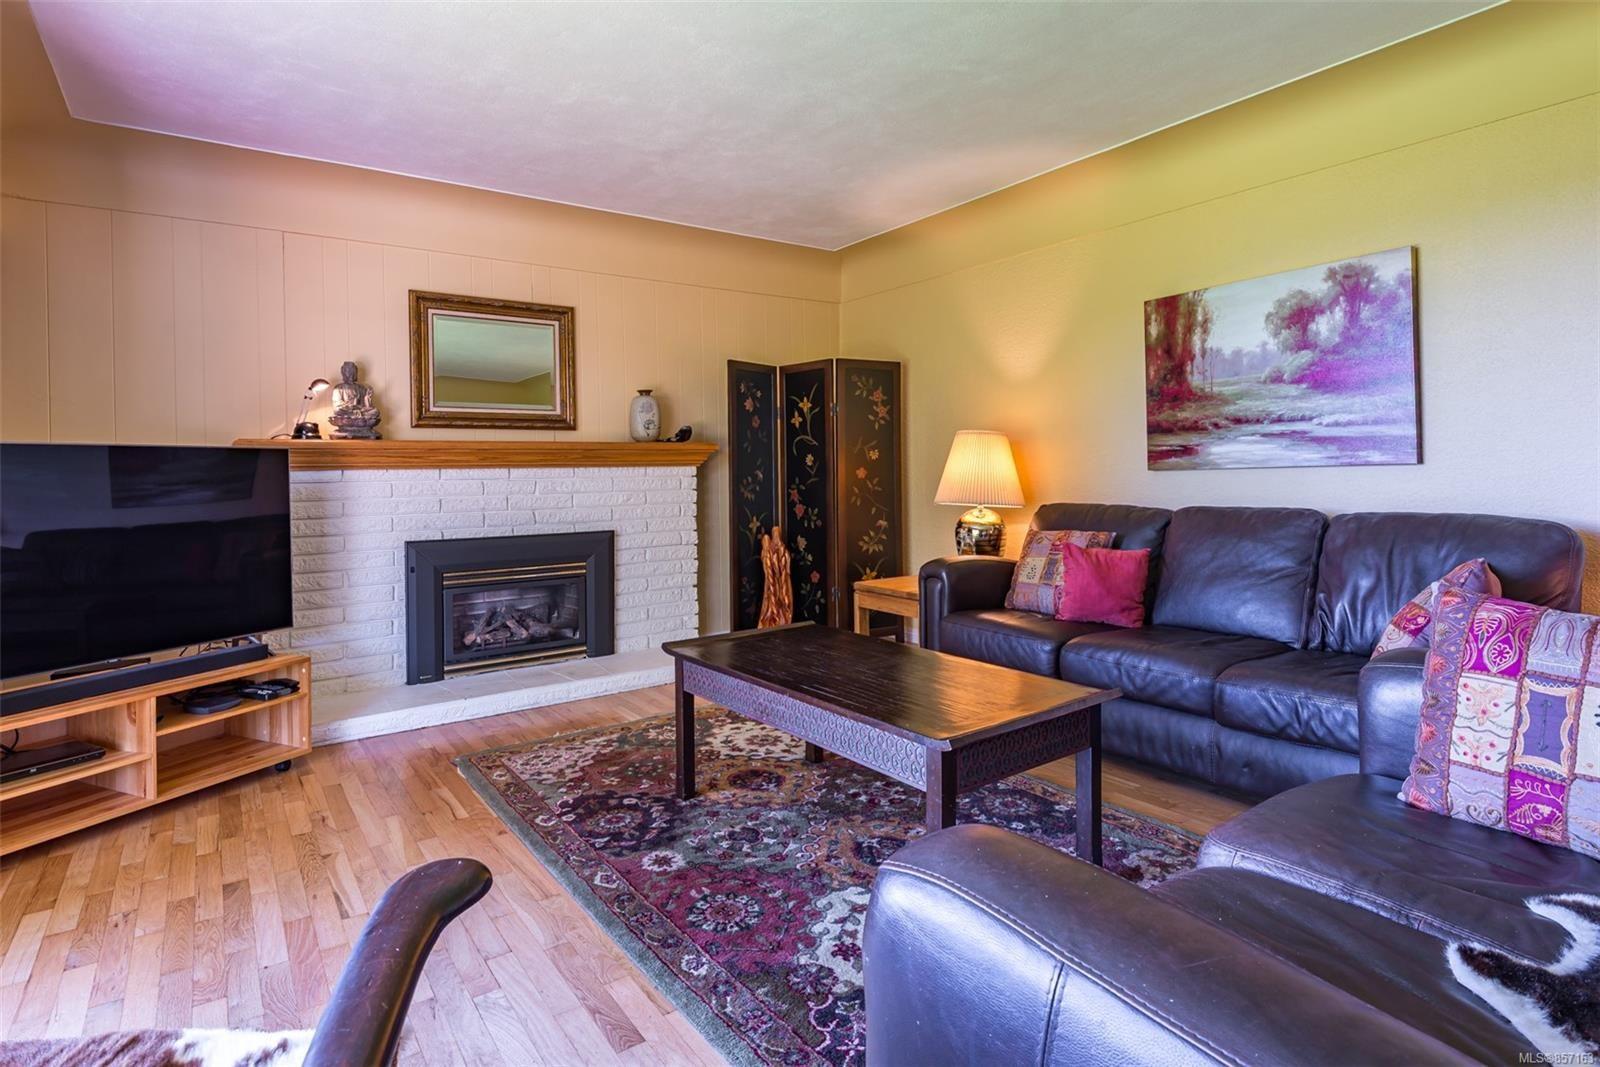 Photo 8: Photos: 4241 Buddington Rd in : CV Courtenay South House for sale (Comox Valley)  : MLS®# 857163